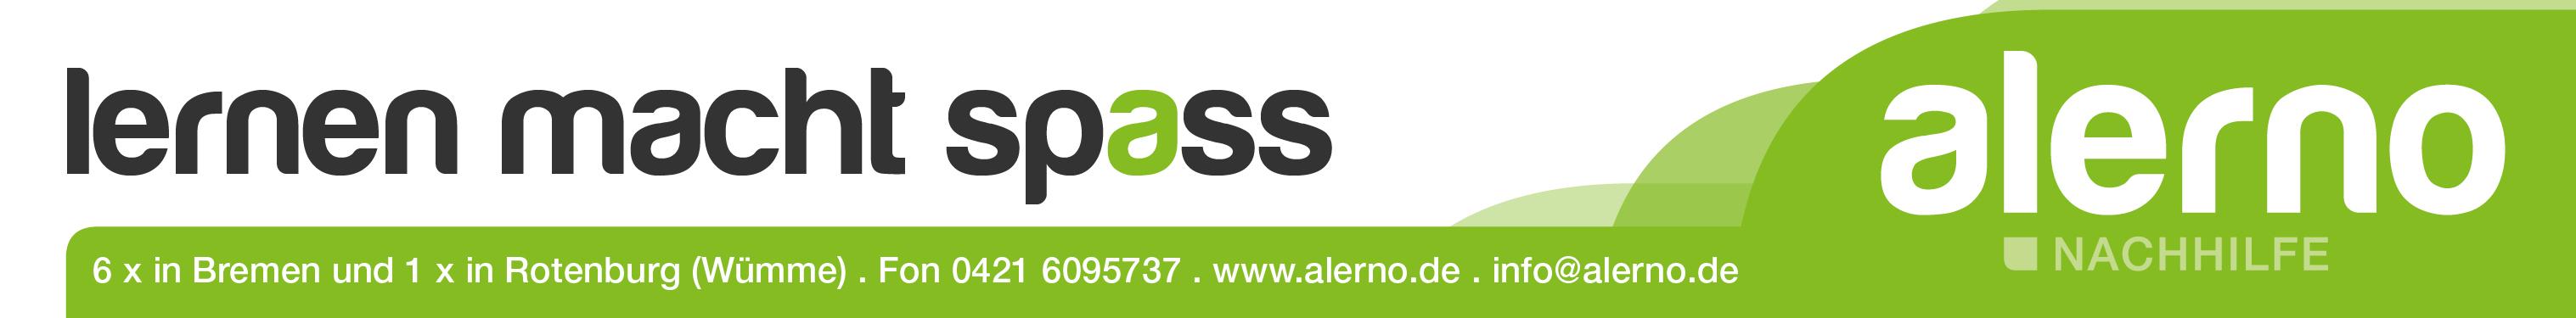 alerno GmbH